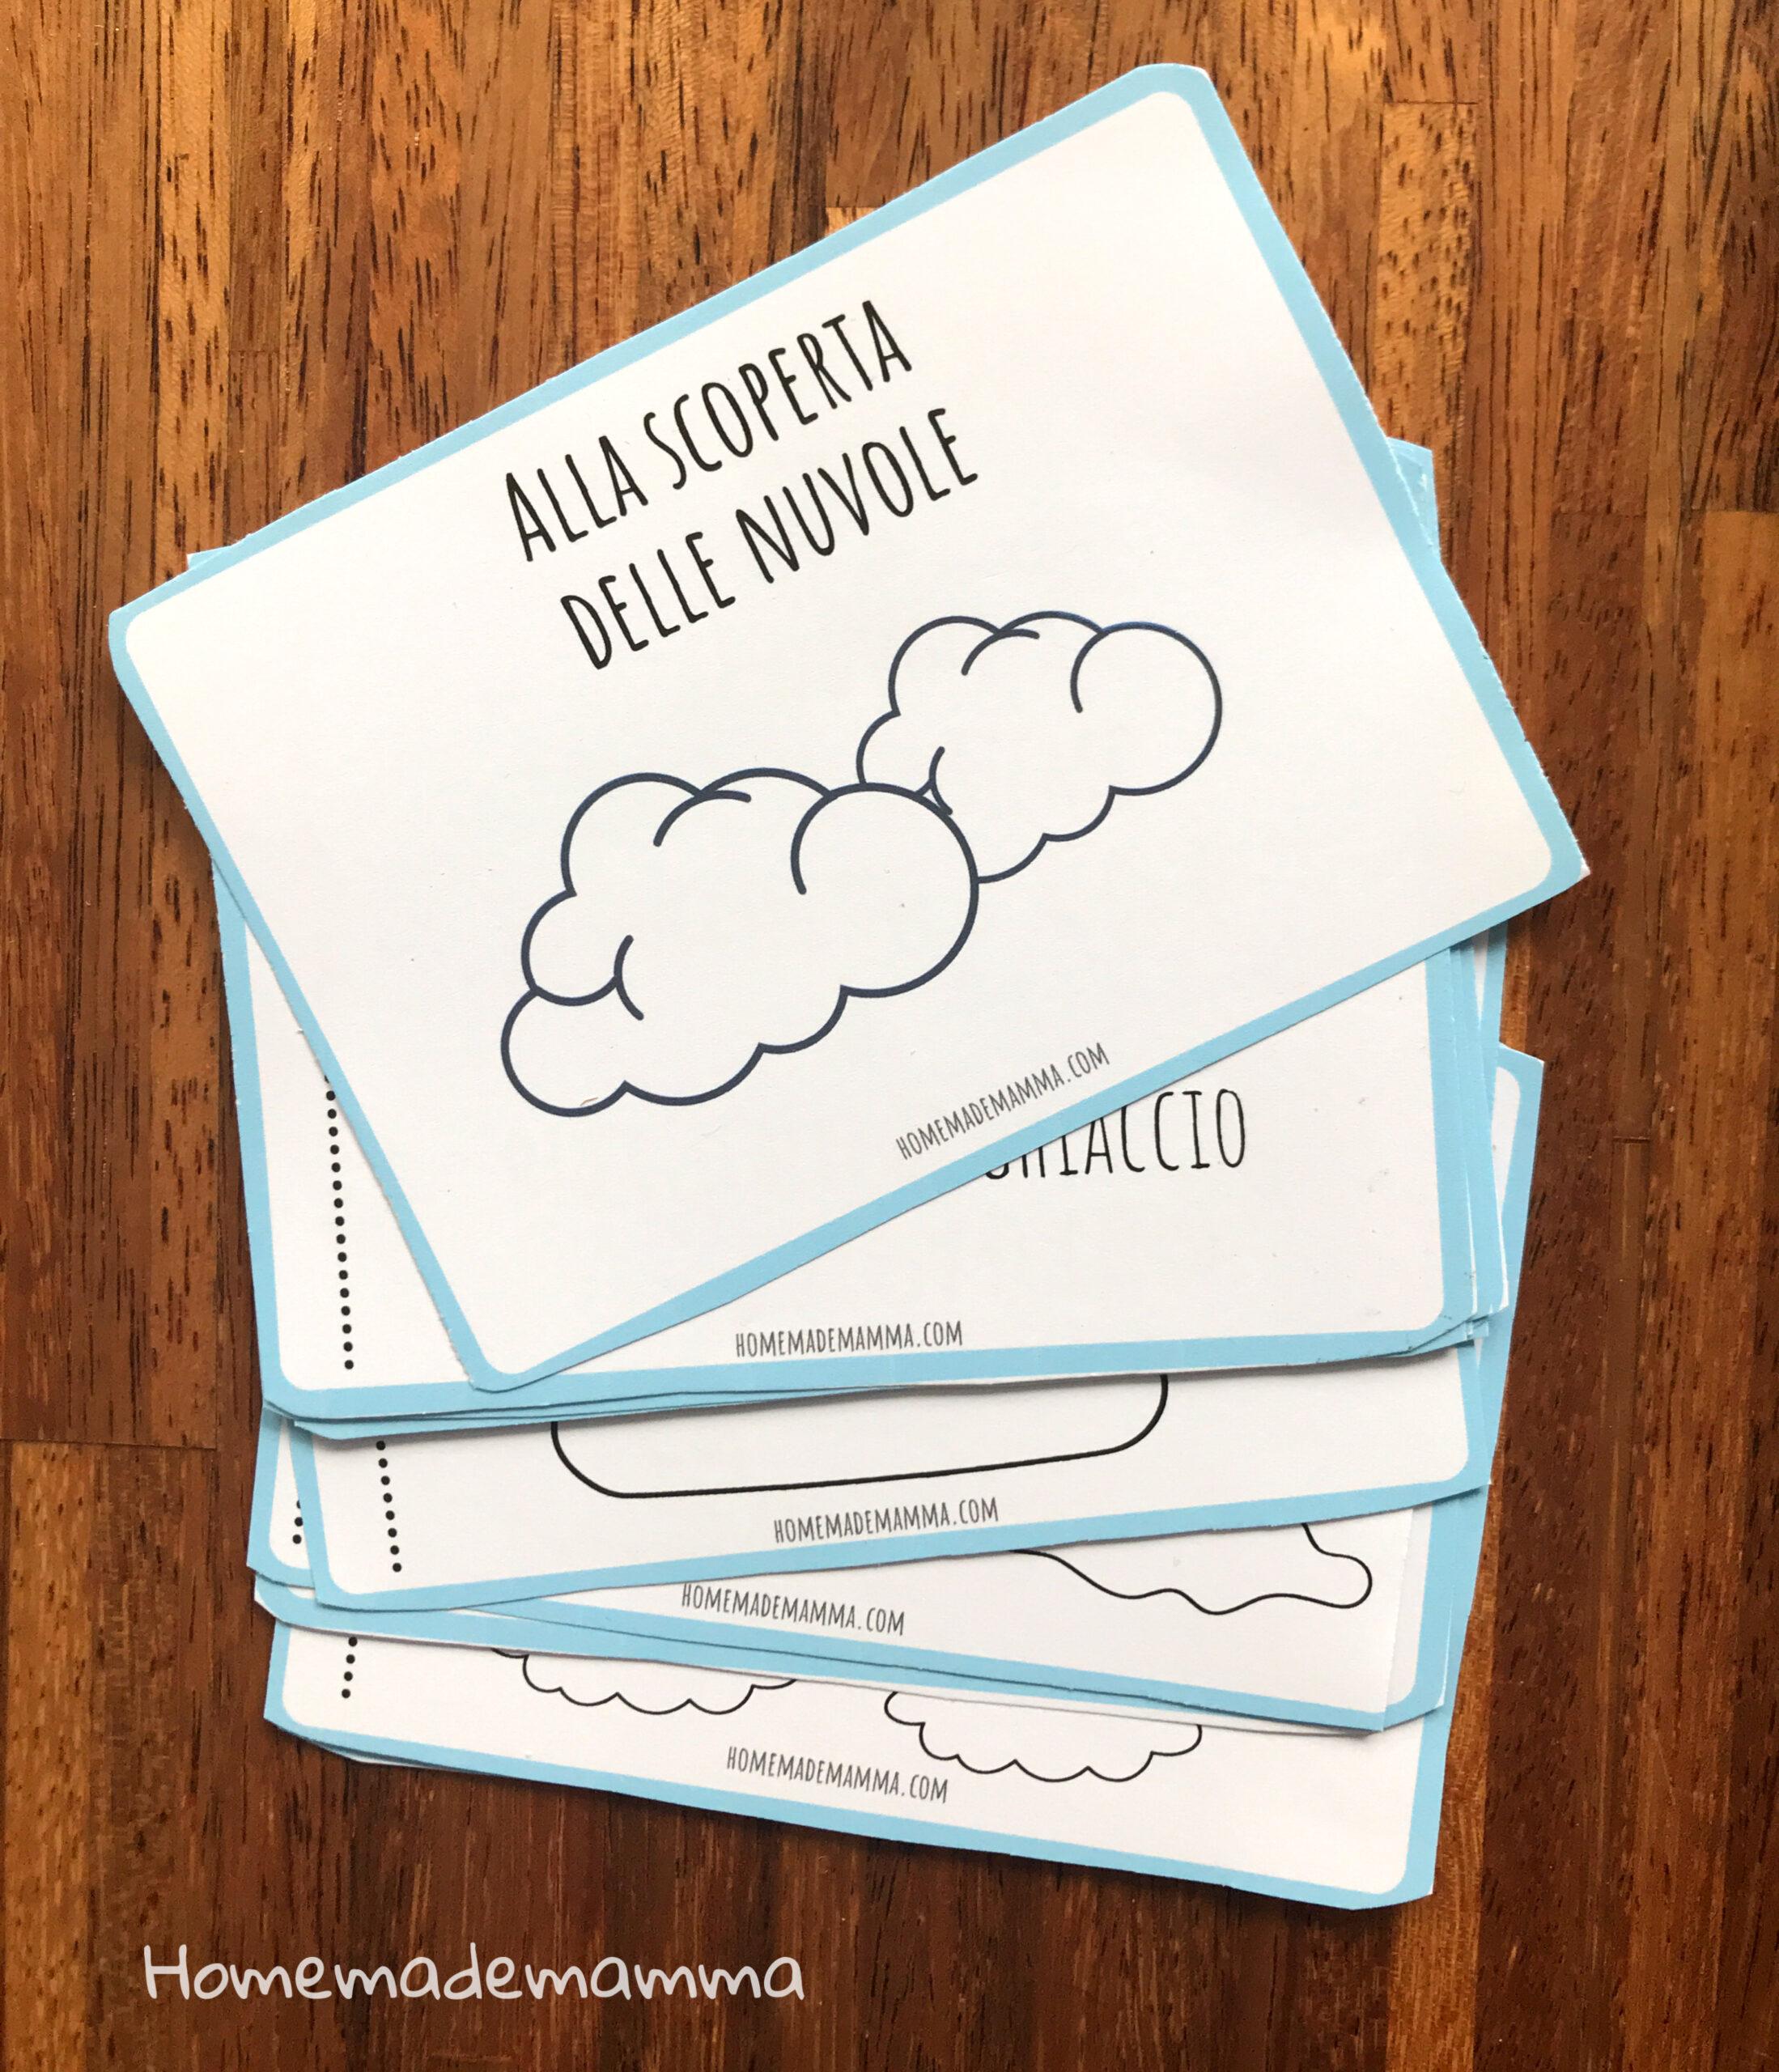 Libretto per scoprire le nuvole